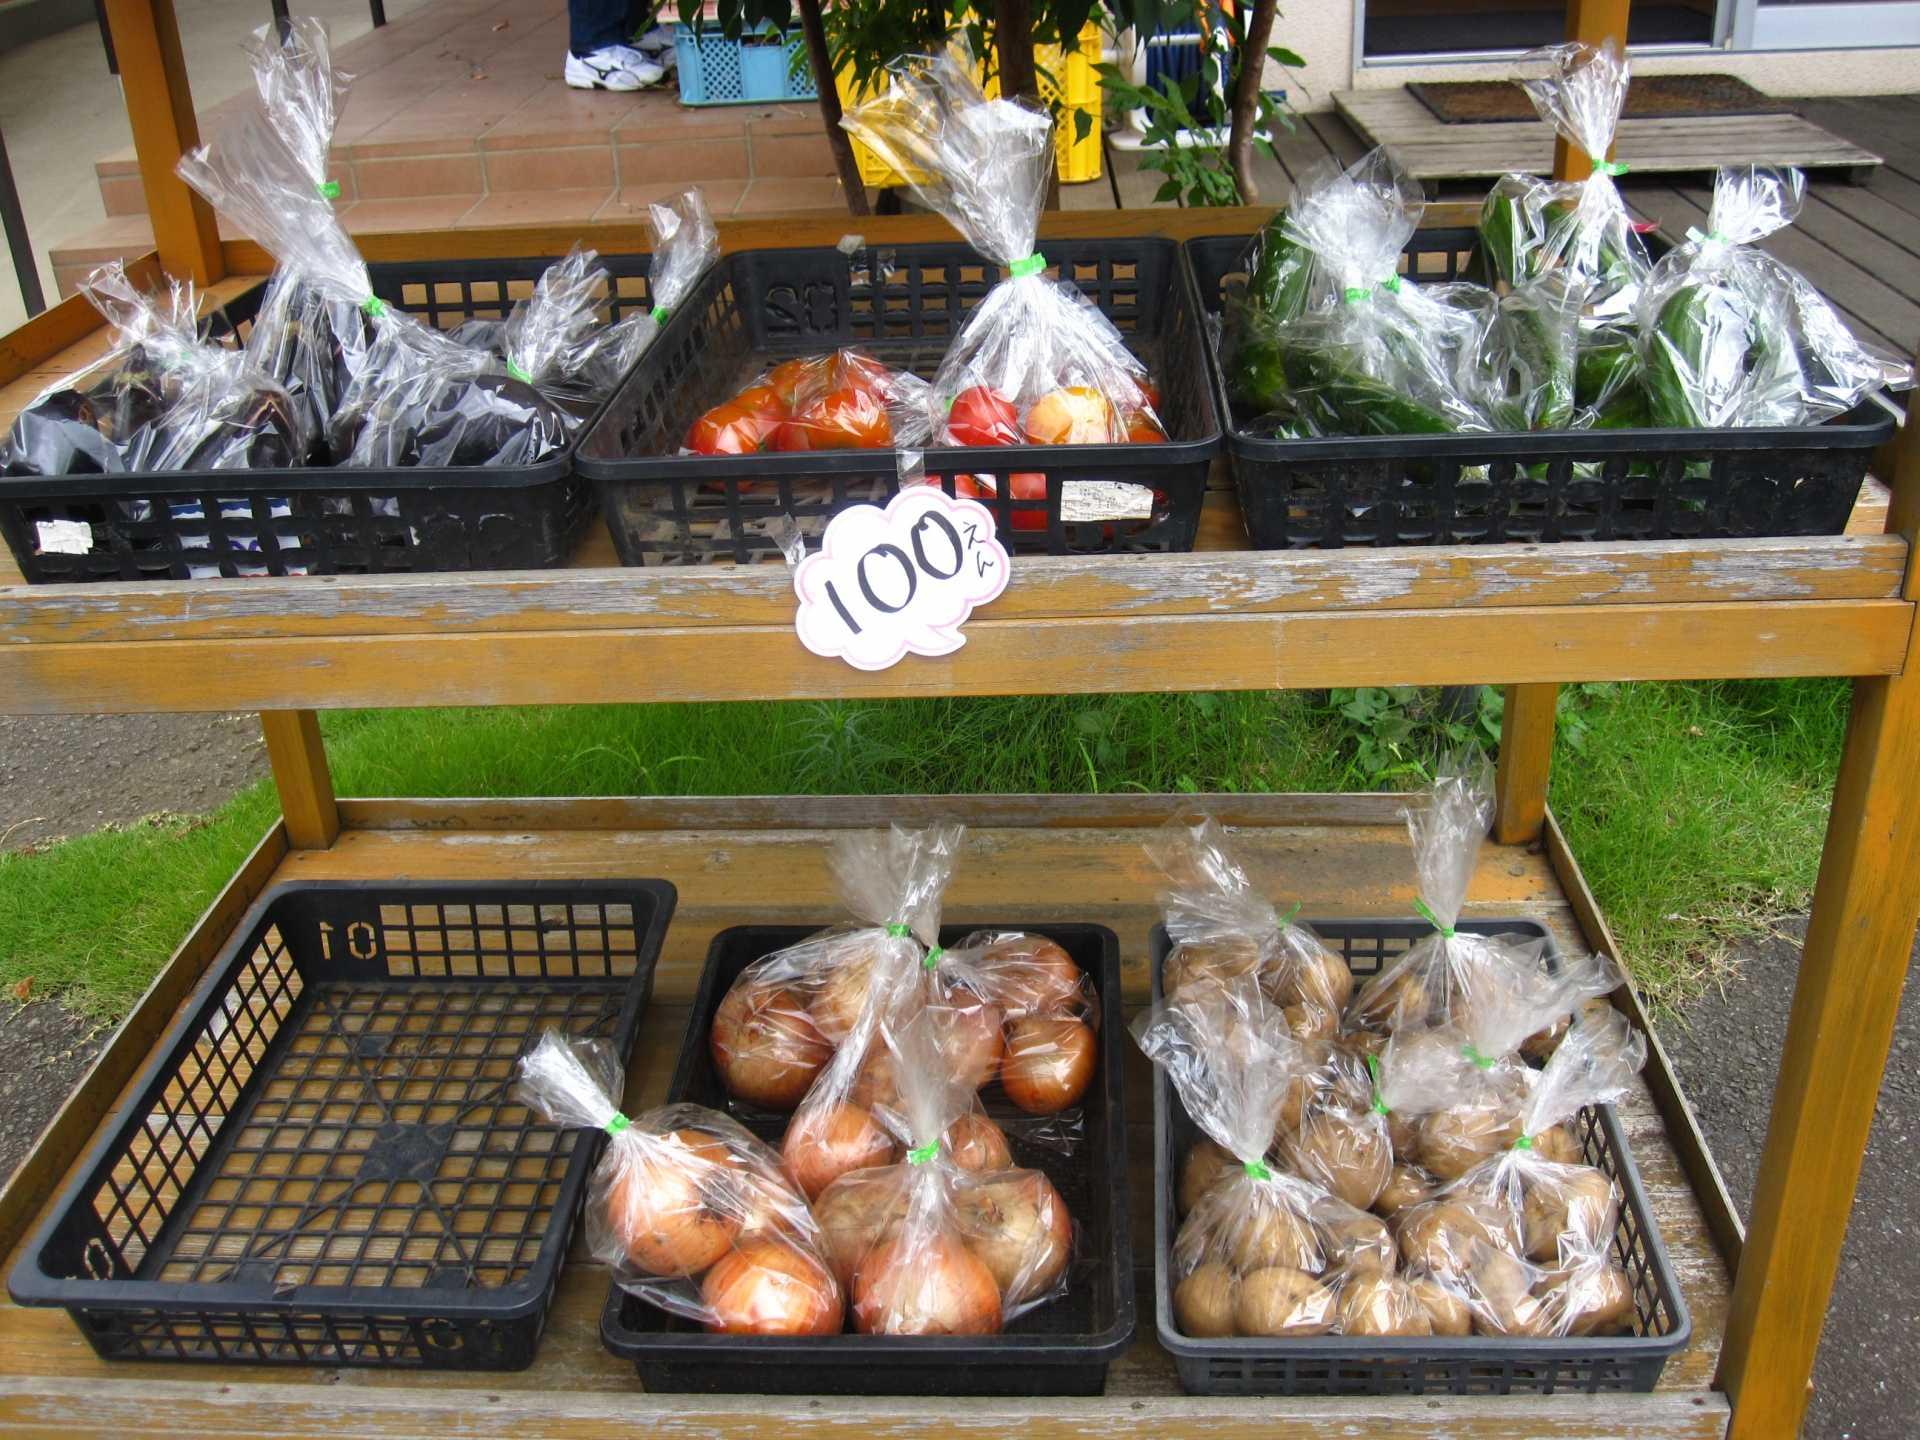 夏野菜(トマト、ナス、キュウリ、玉ねぎ、ジャガイモ)